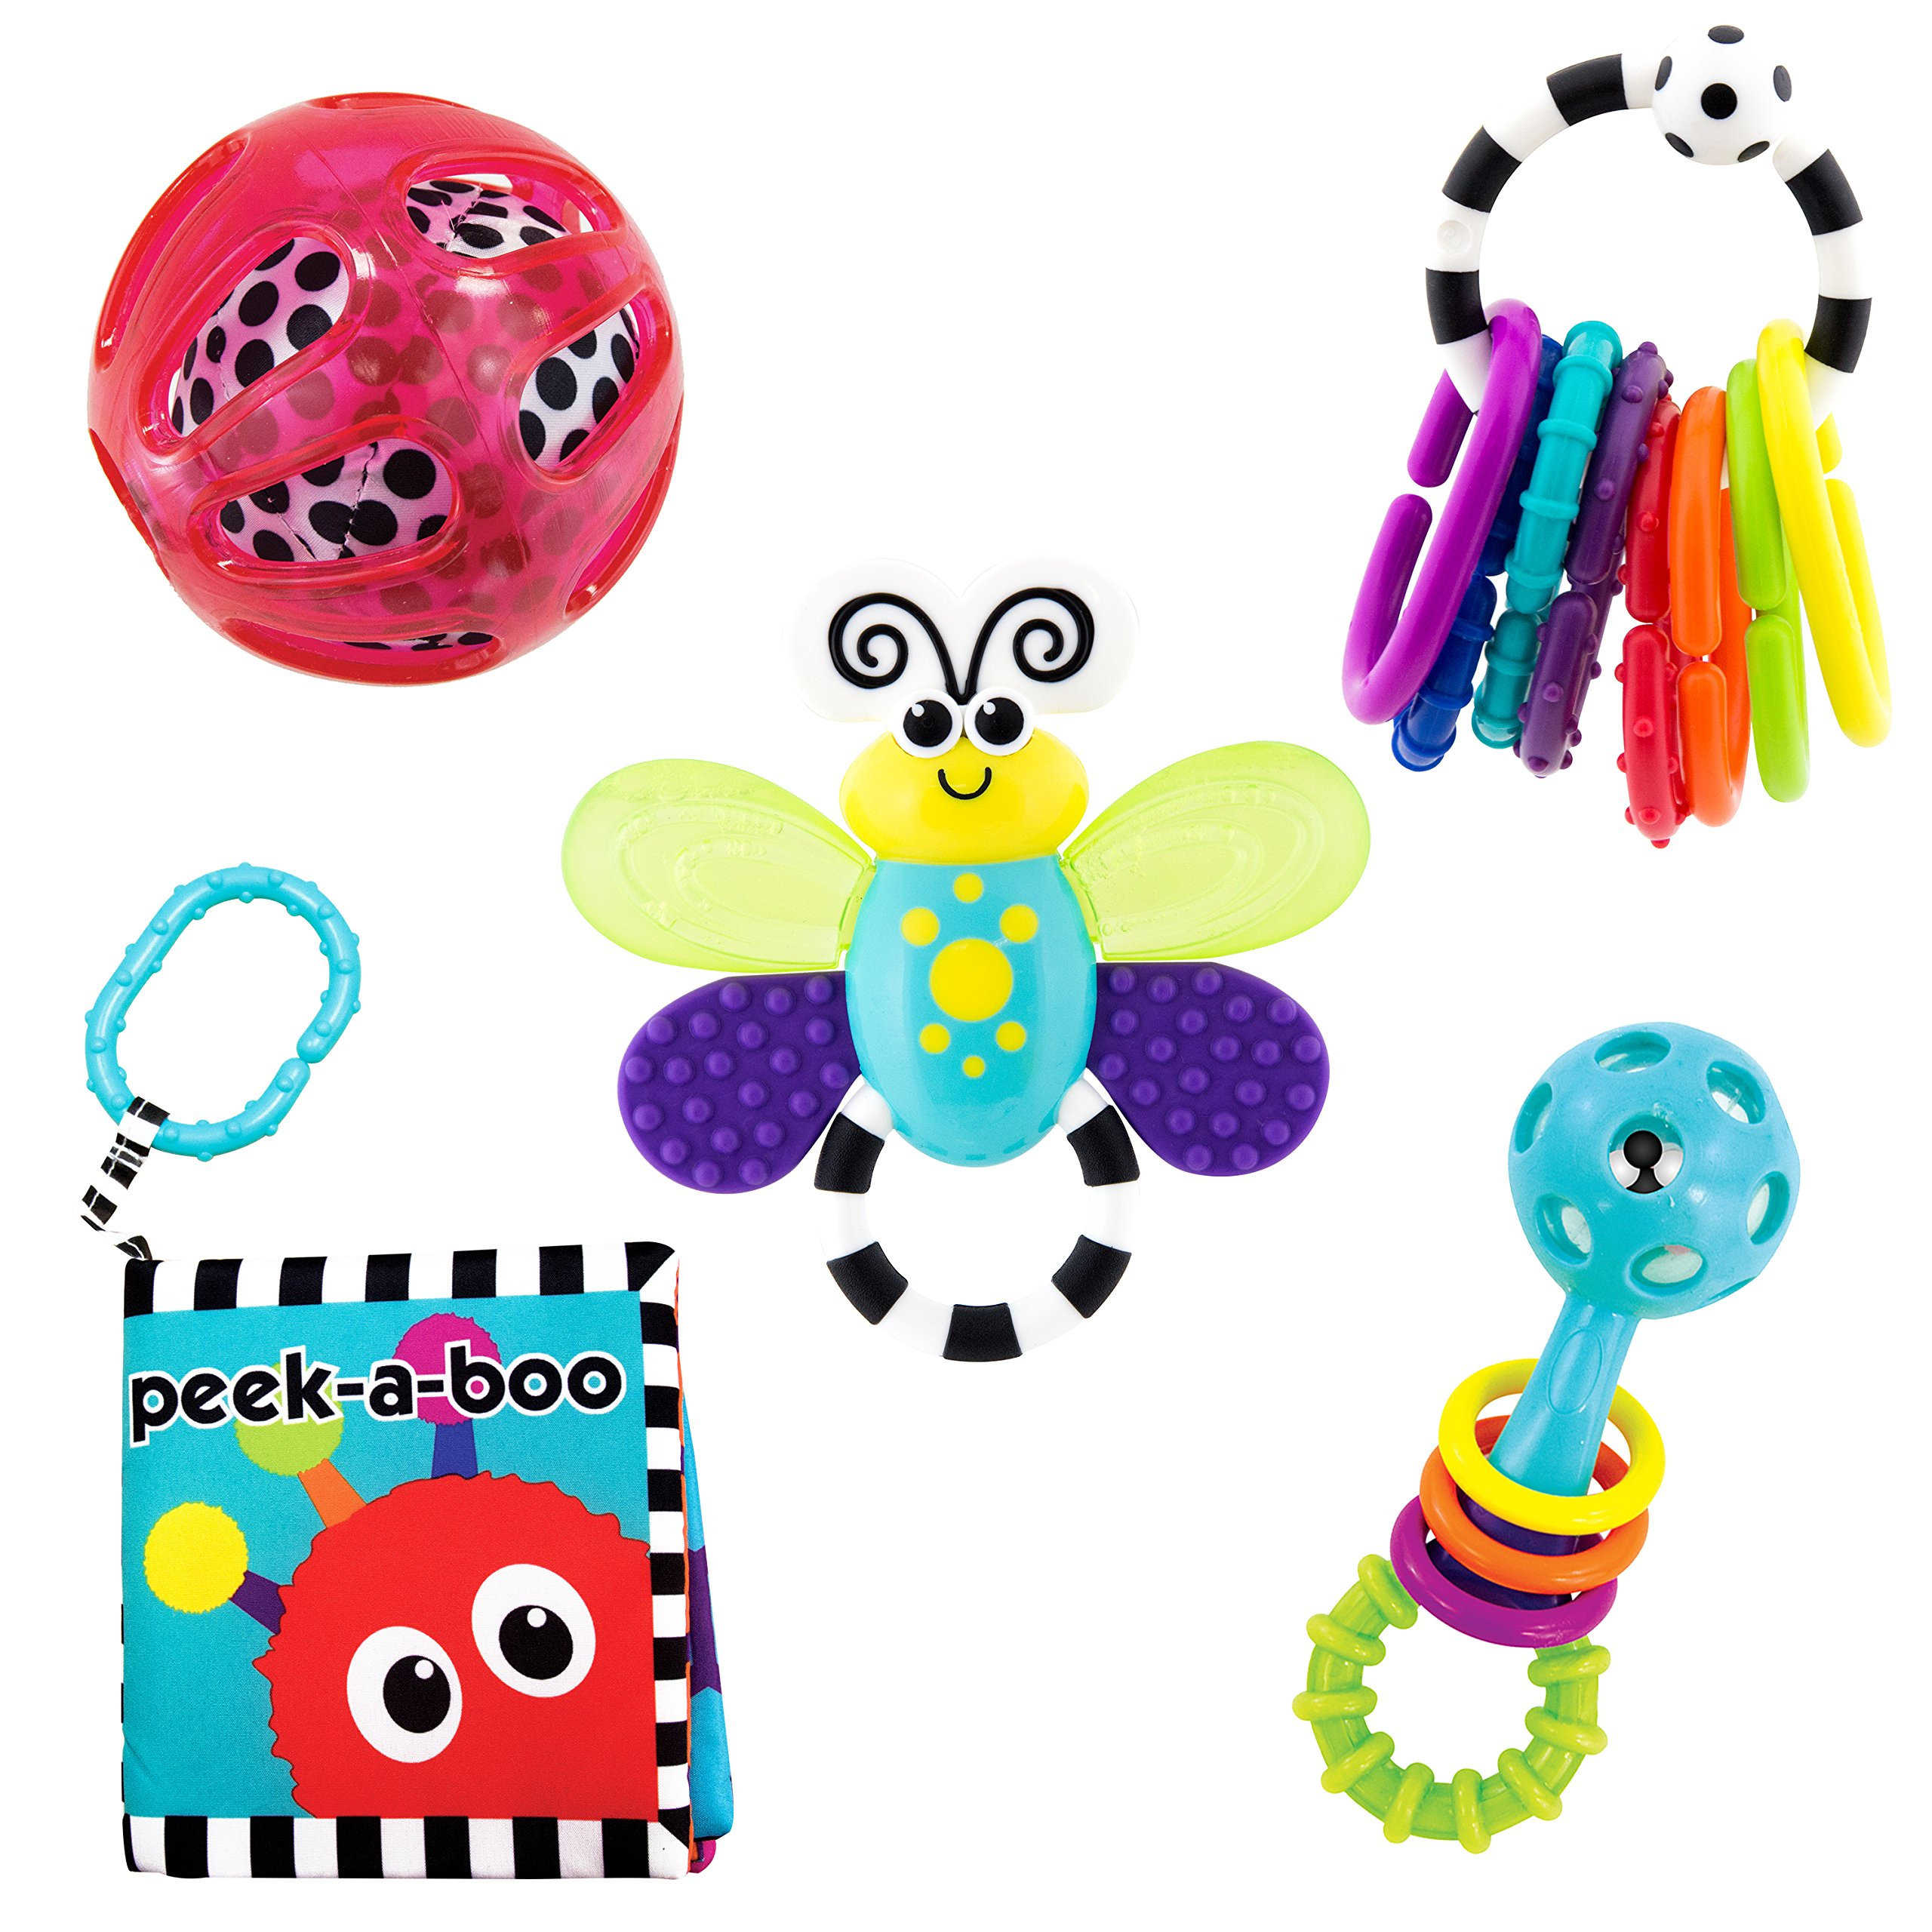 Sassy Baby's First Developmental Toy Gift Set